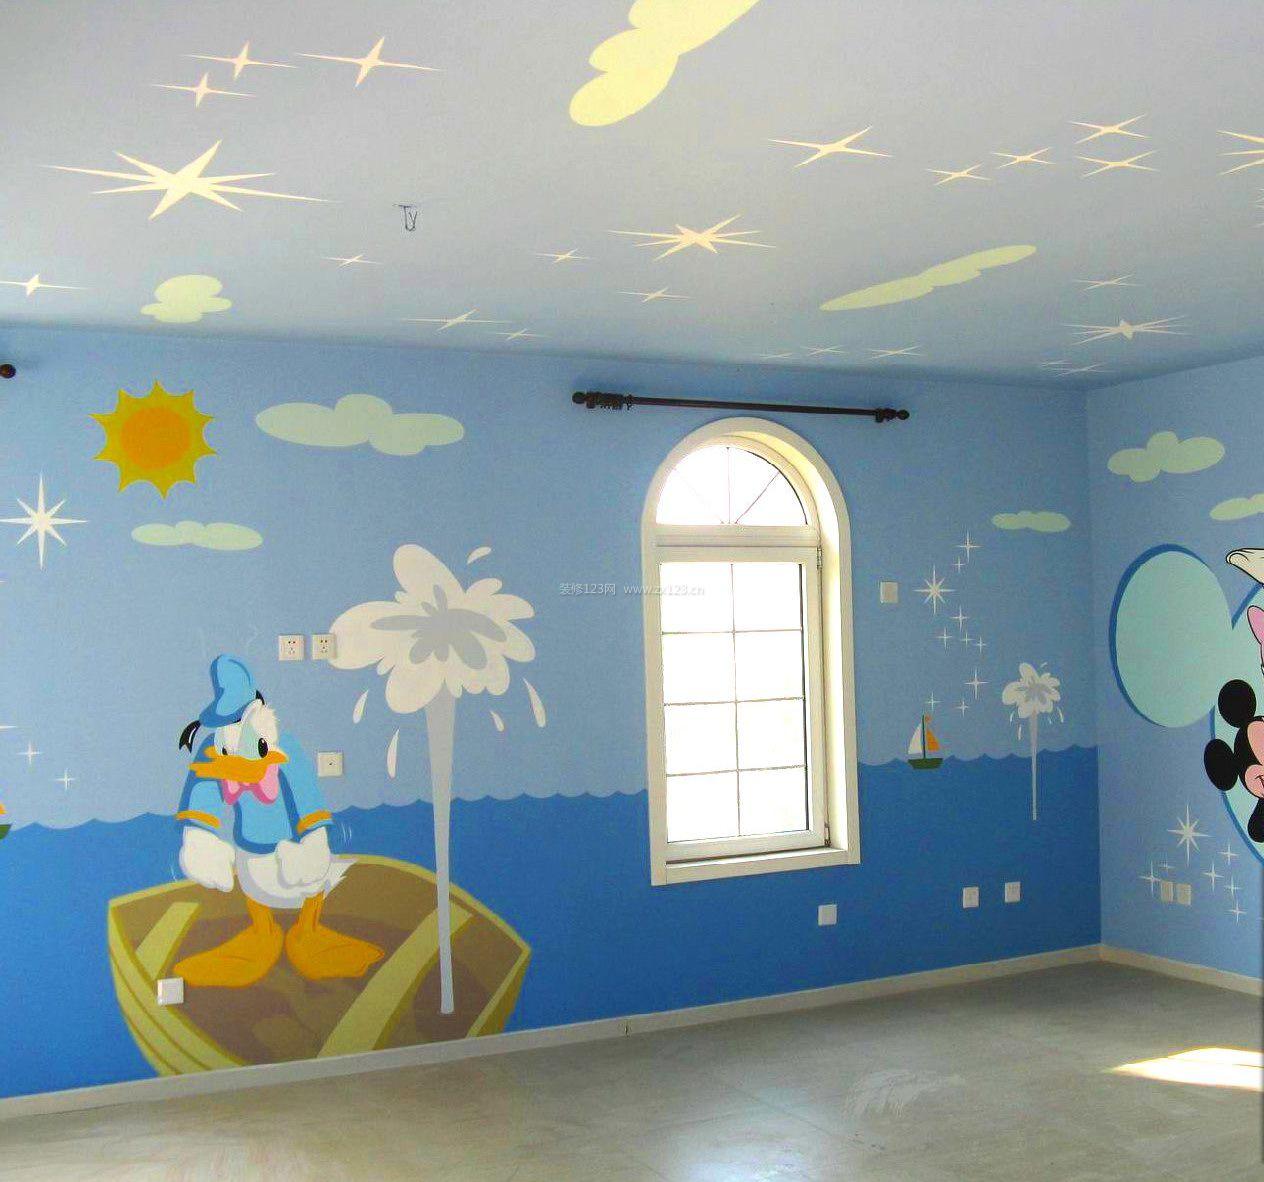 2018幼儿园环境墙绘背景墙设计图片